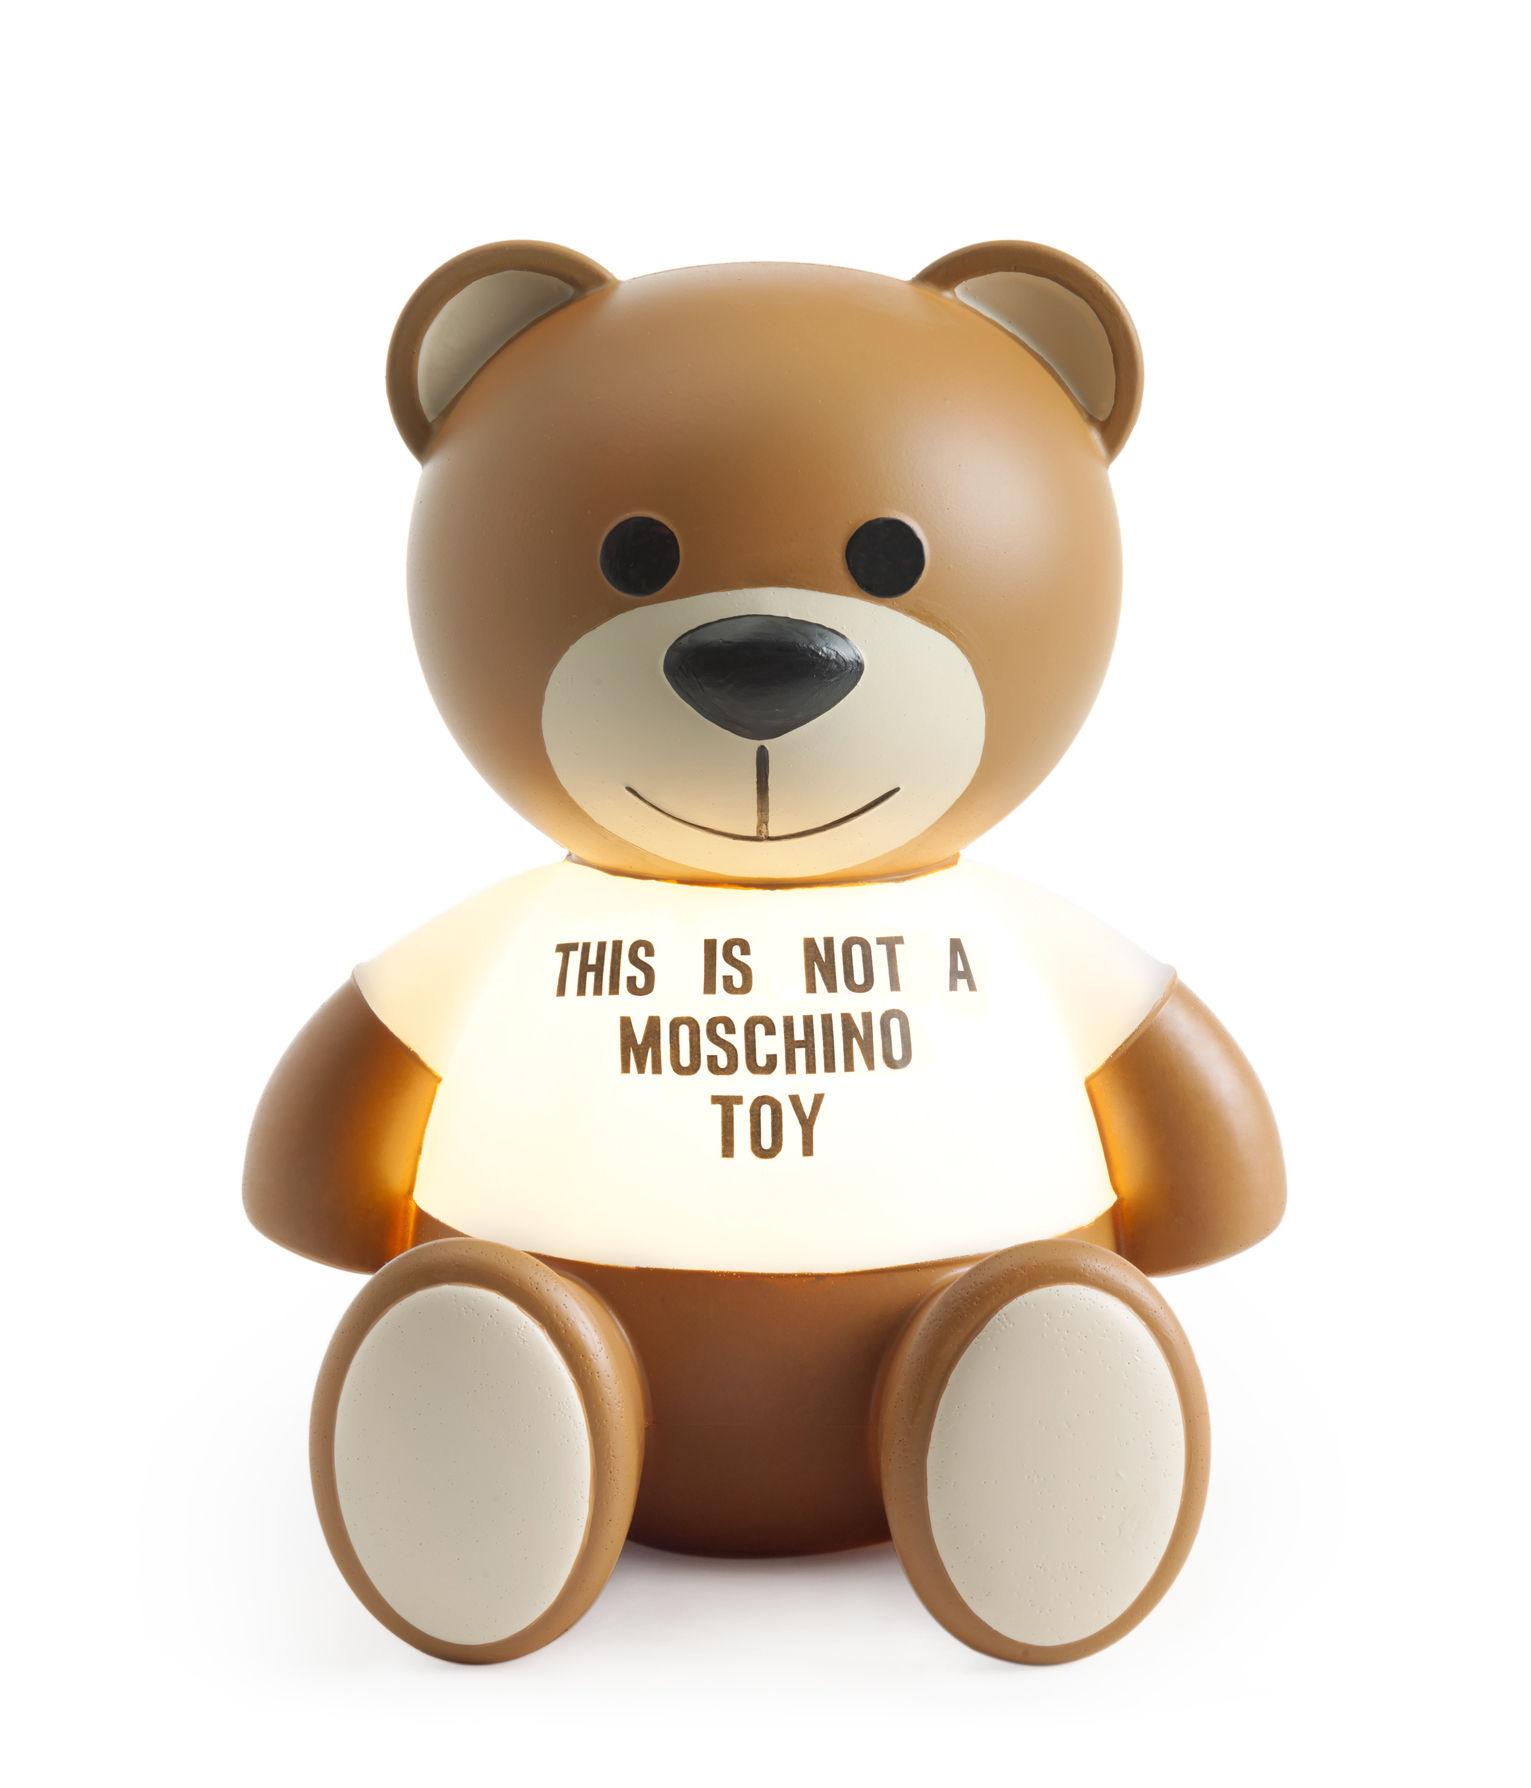 Dekoration - Für Kinder - Toy Moschino Tischleuchte / Polyäthylen - Kartell - Braun & transparent - Polyéthylène peint